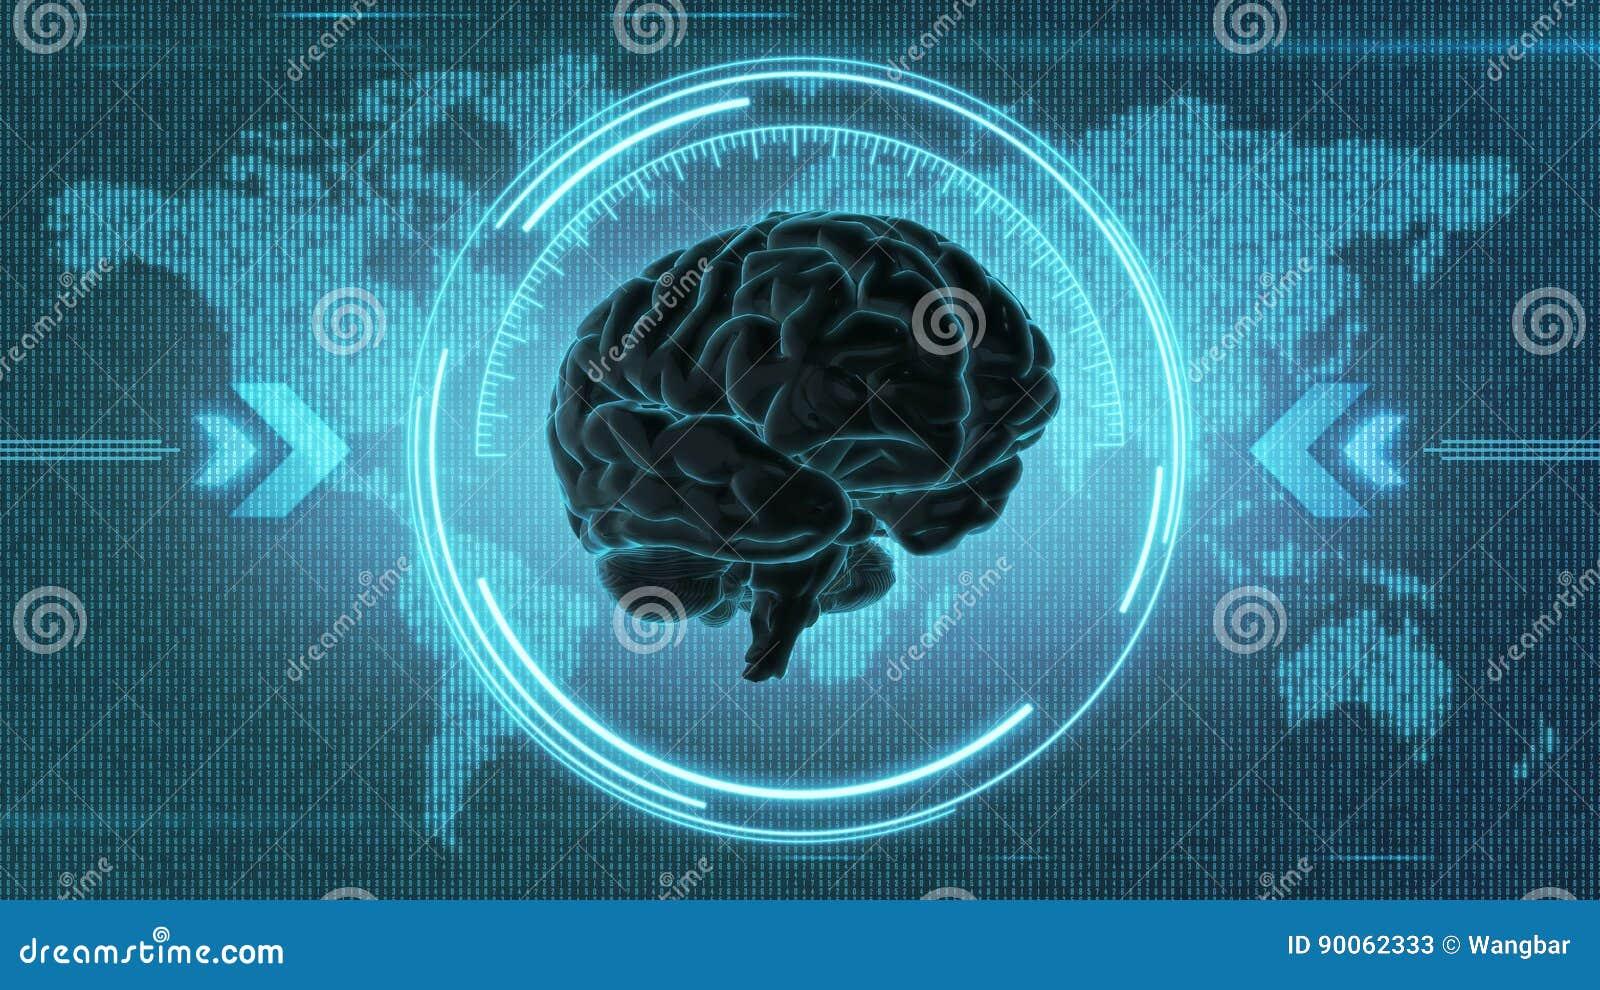 Futuristic brain HUD display